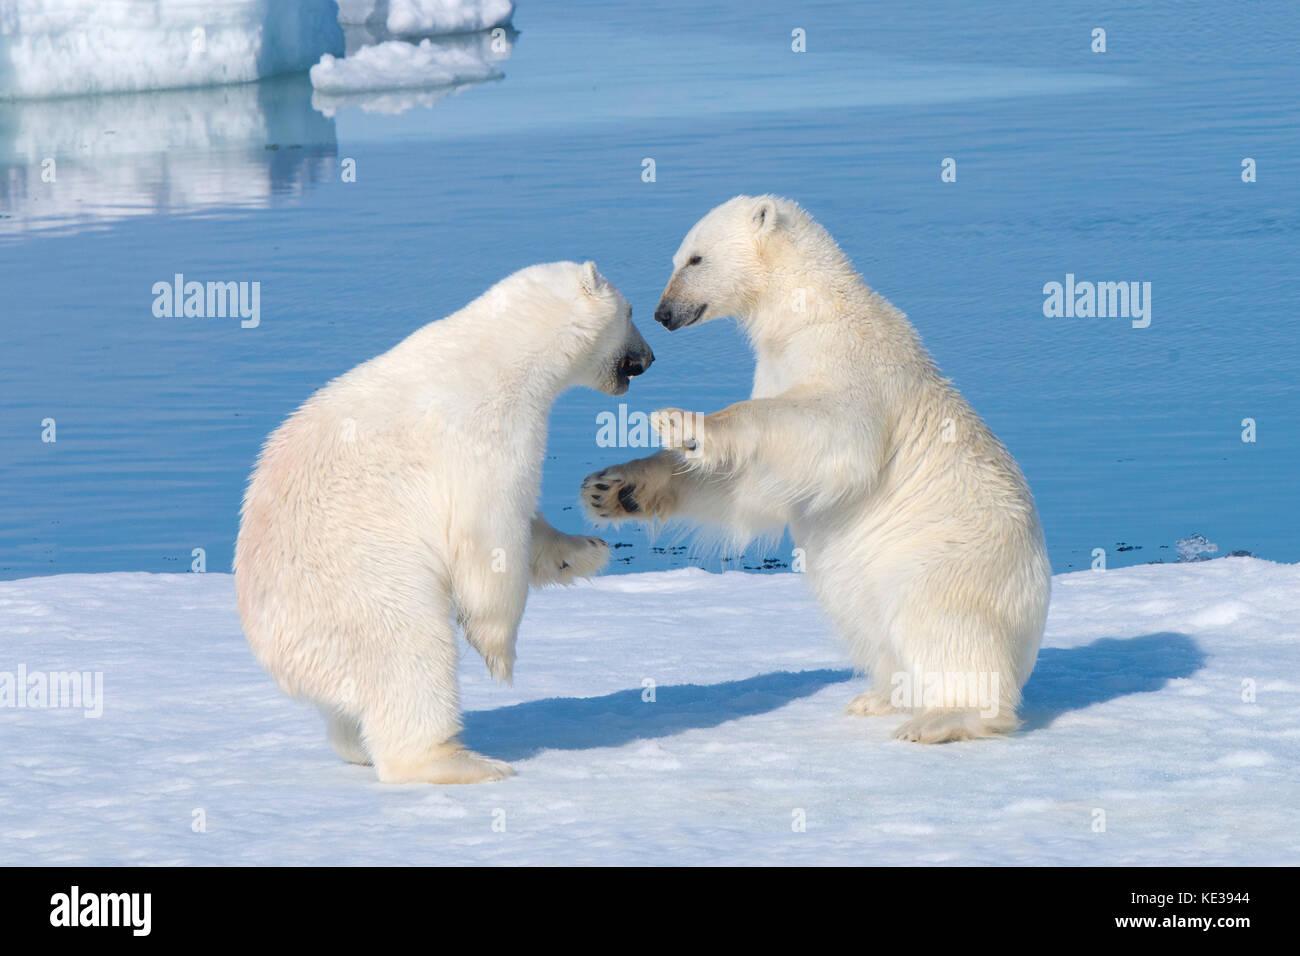 Dos años de crías de oso polar (Ursus maritimus) jugando, el archipiélago de Svalbard, Noruega, el Imagen De Stock